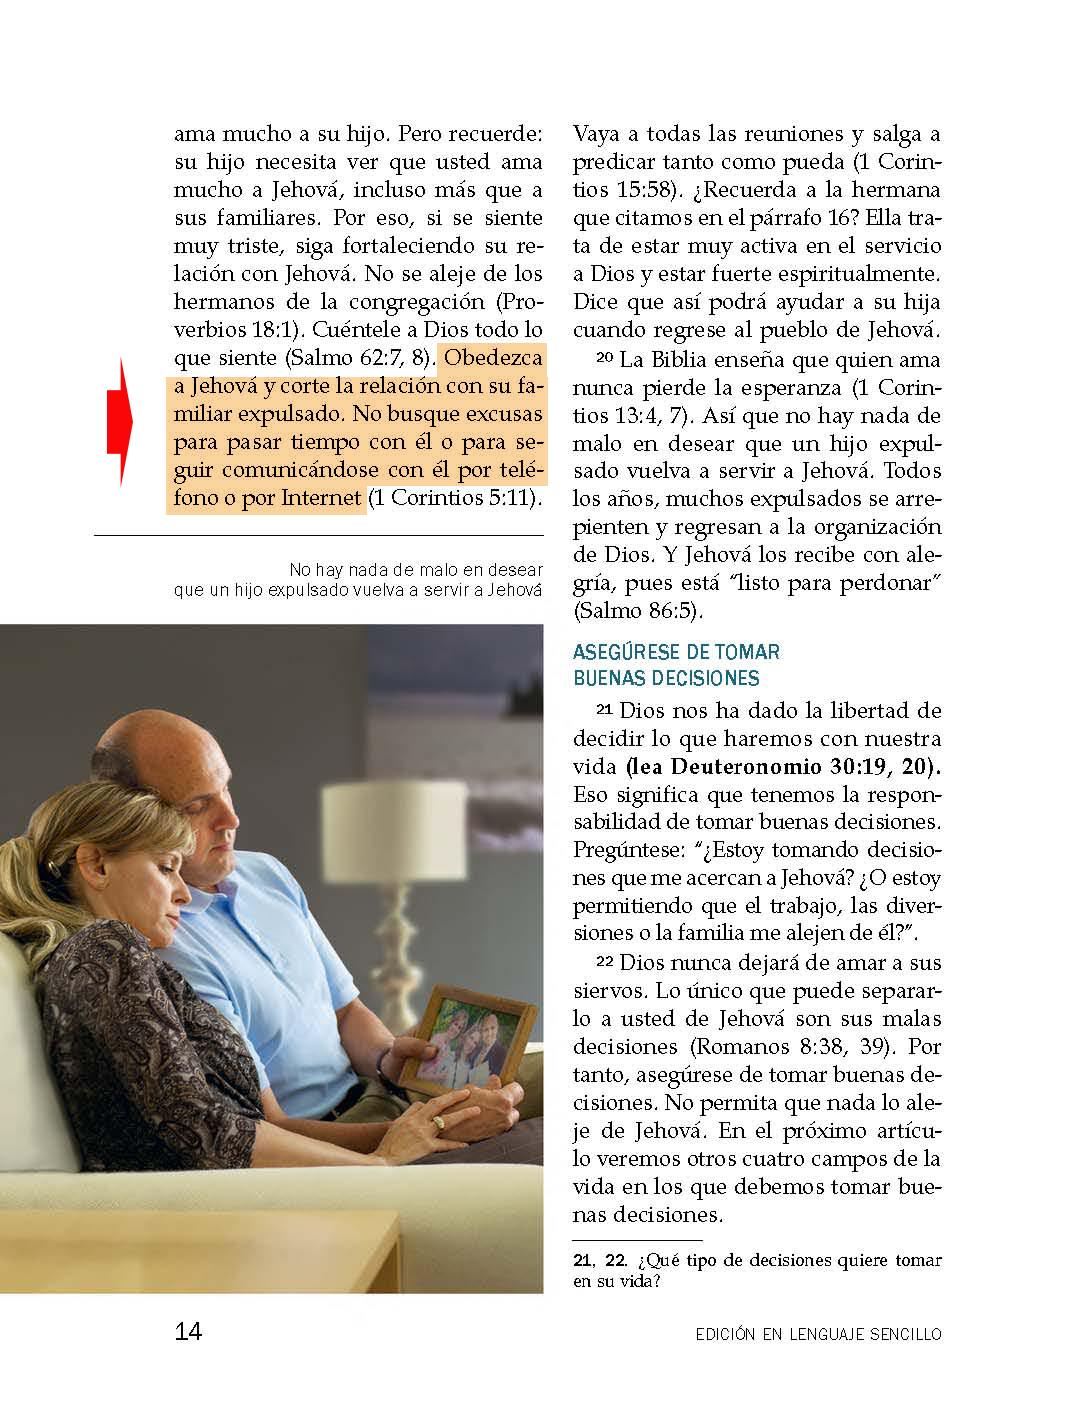 La Atalaya, 15 de enero de 2013, página 14